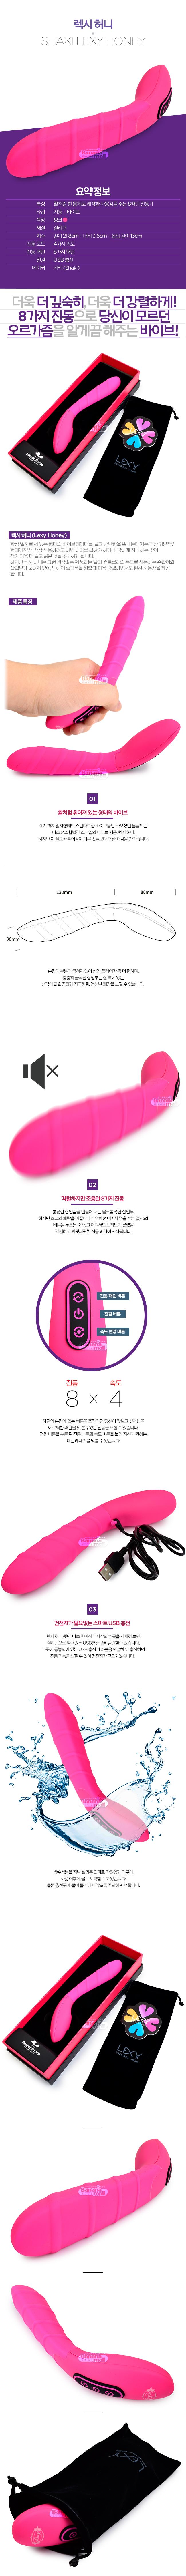 [8단 진동] 렉시 허니(Shaki Lexy Honey) - 샤키(H1)